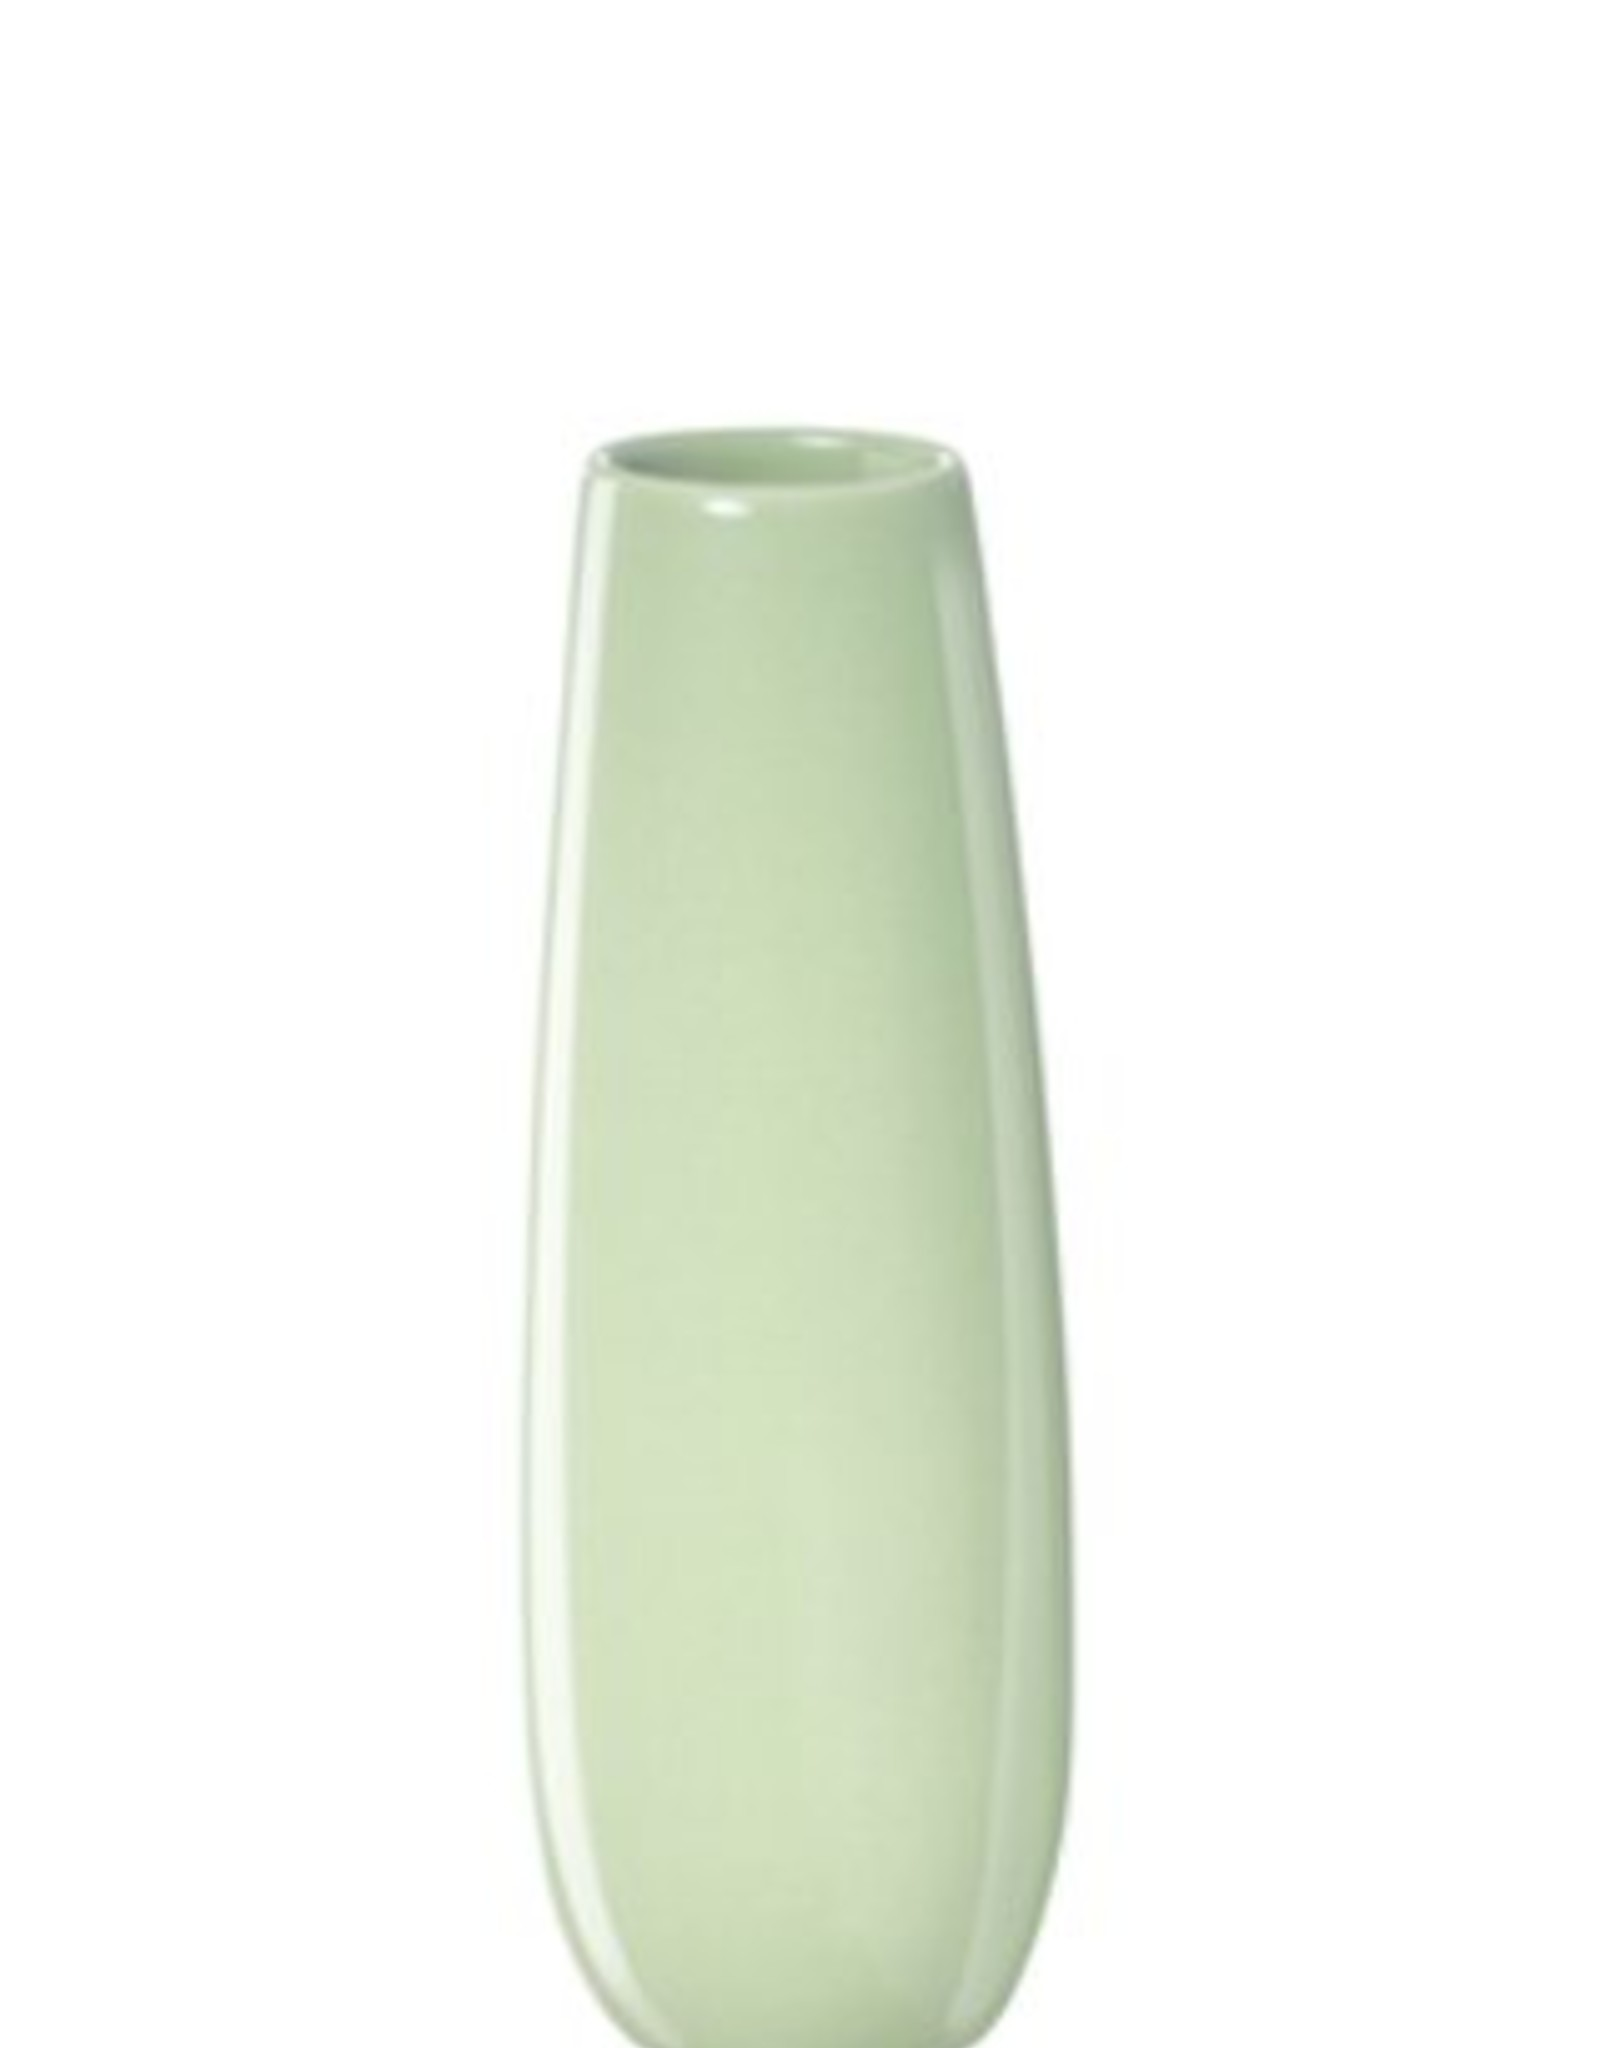 Asa Selection Ease soft vase mint small